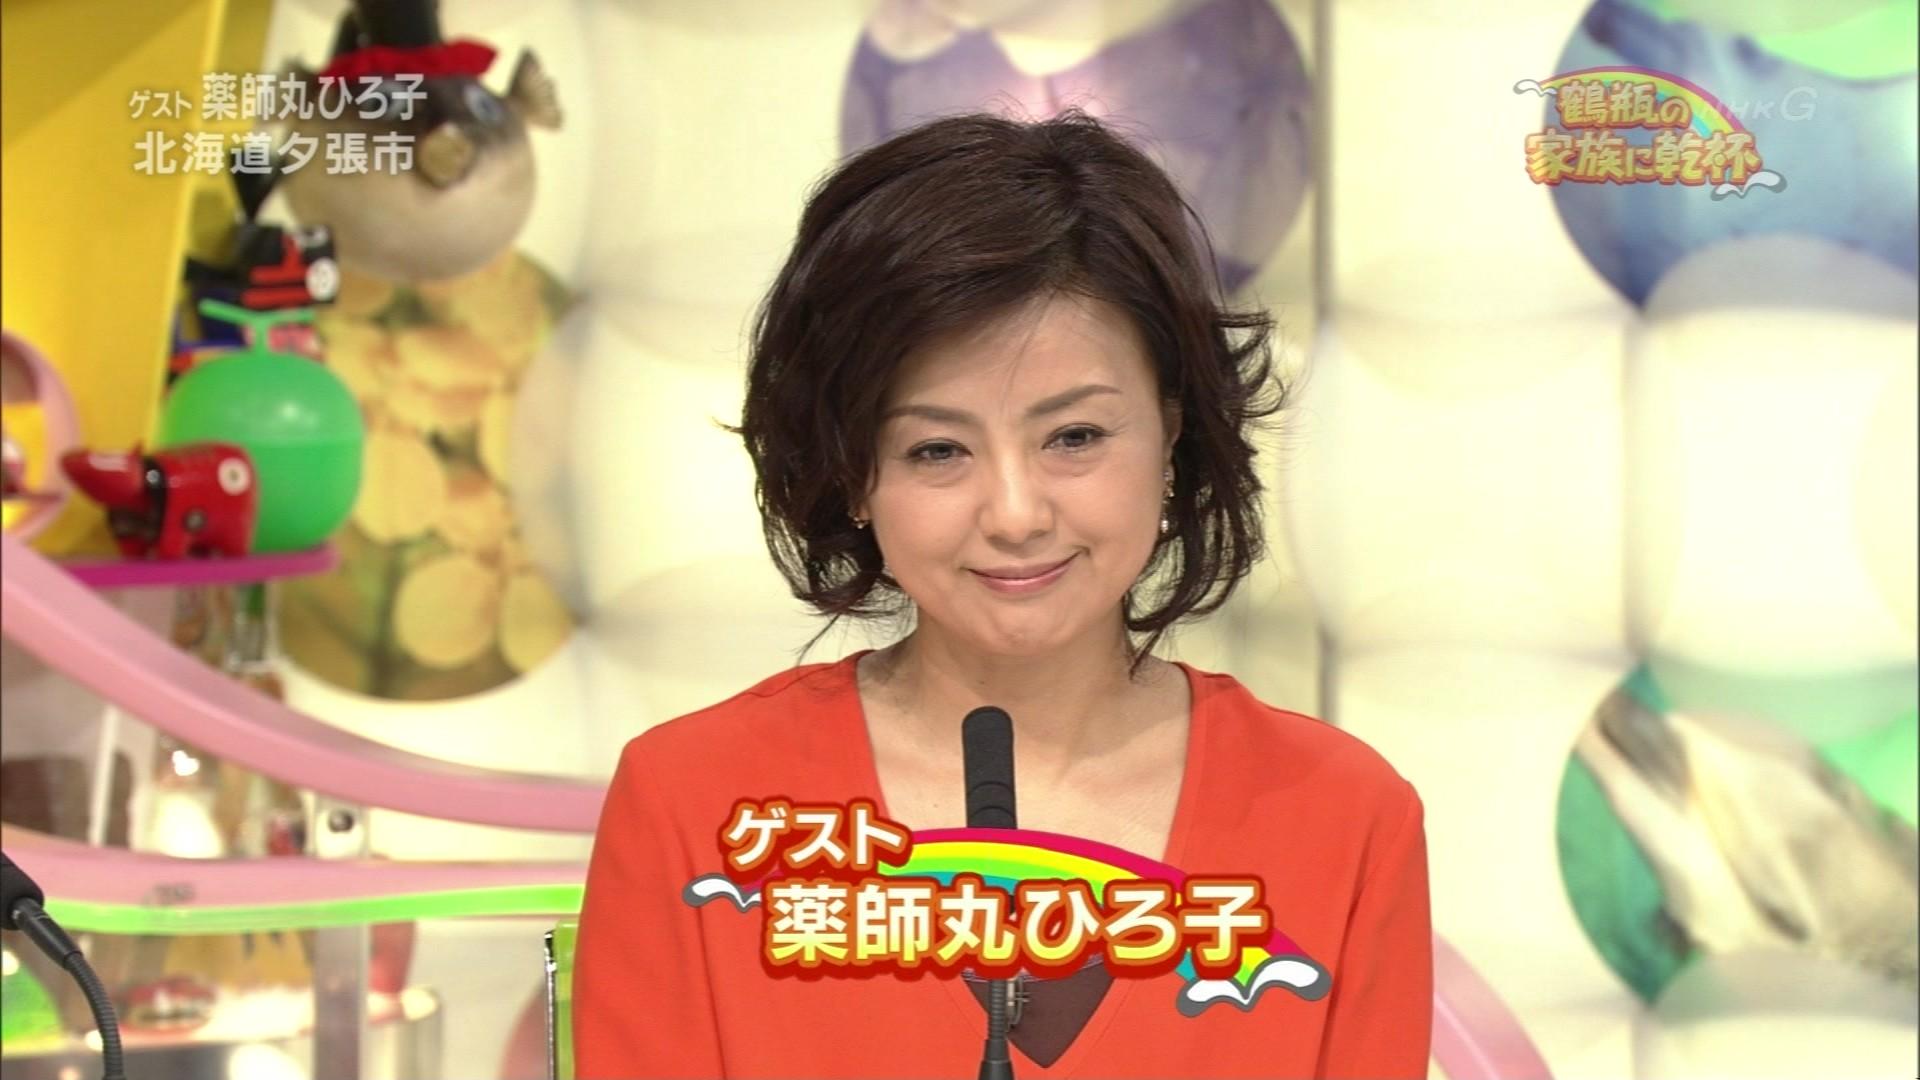 薬師丸ひろ子 20130902-200223-830